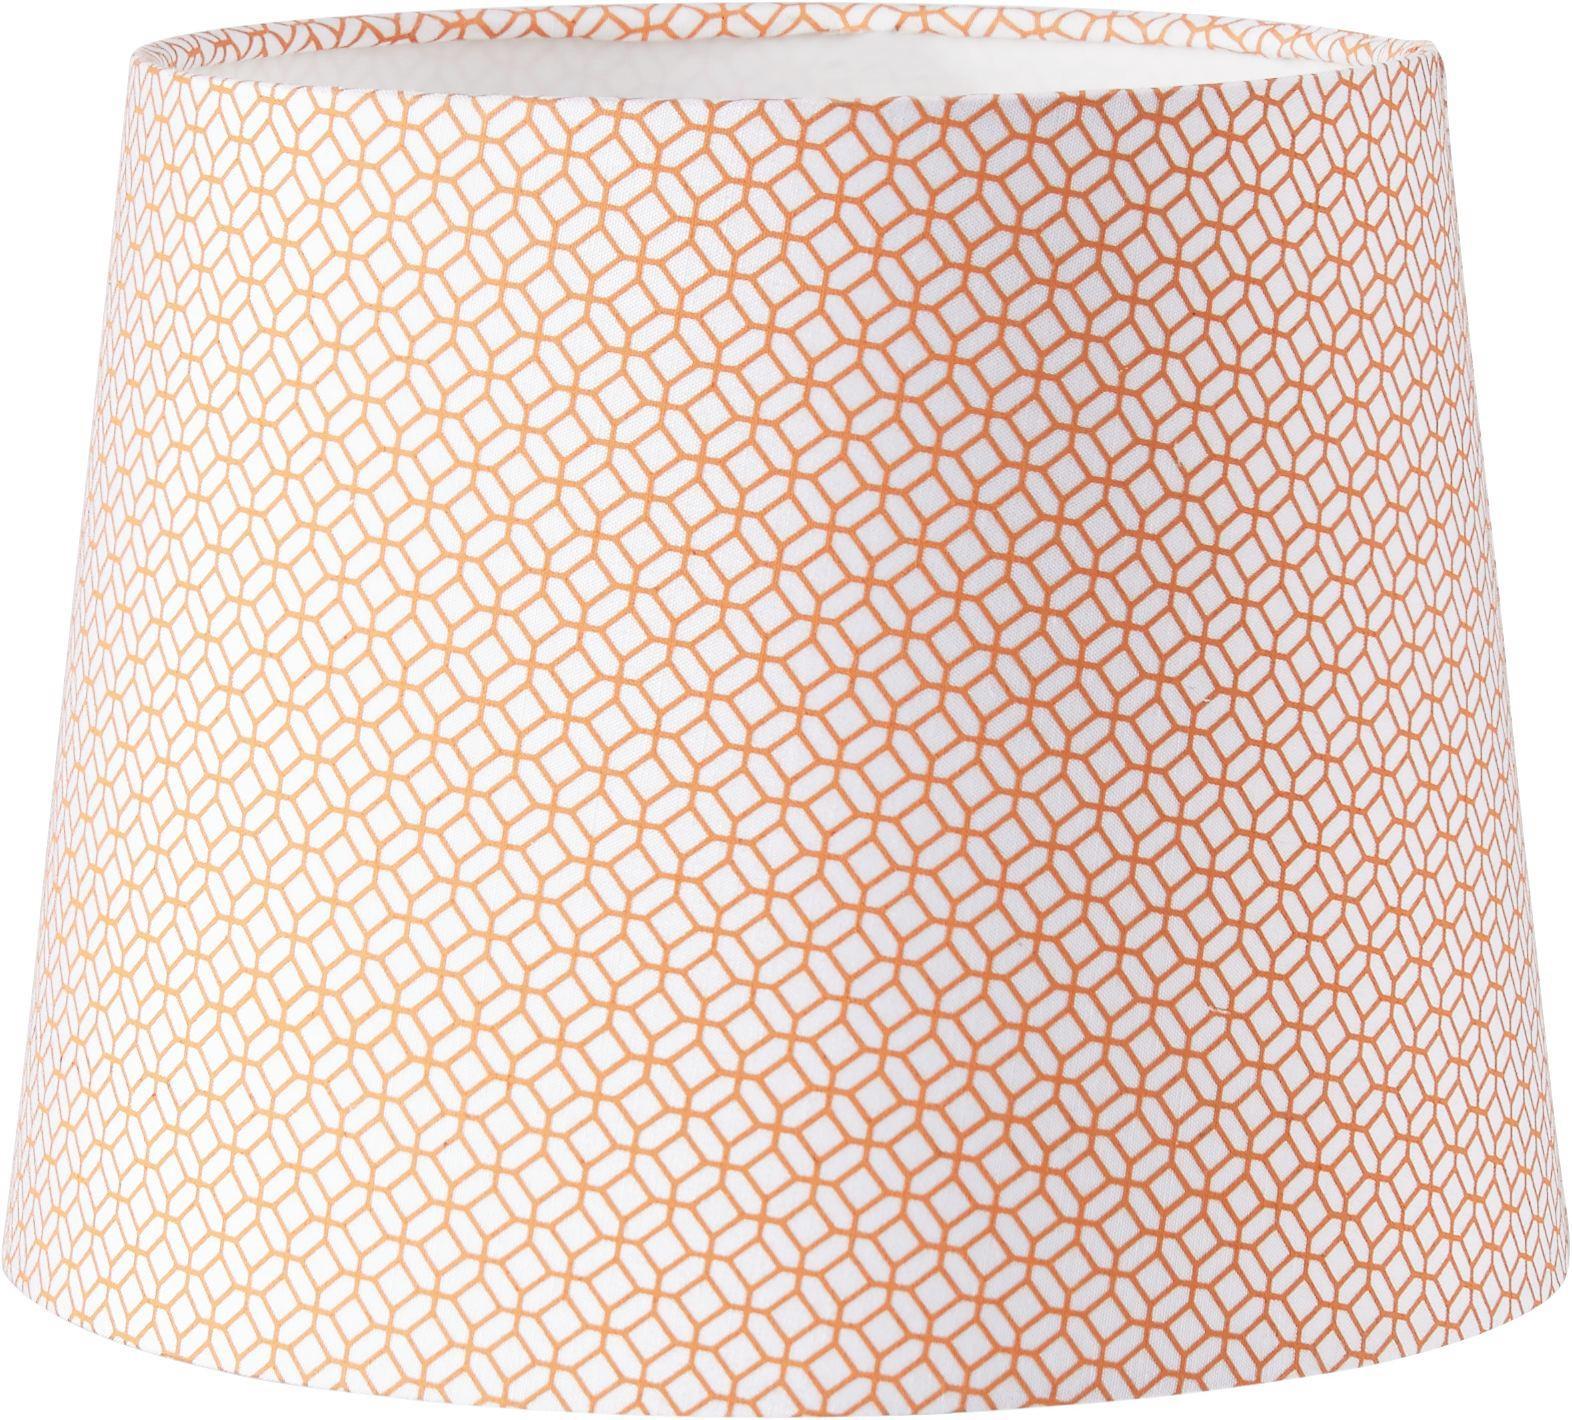 Leuchtenschirm Sahara in Orange - Orange/Weiß, LIFESTYLE, Textil/Metall (16,5-20/15,6cm) - MÖMAX modern living